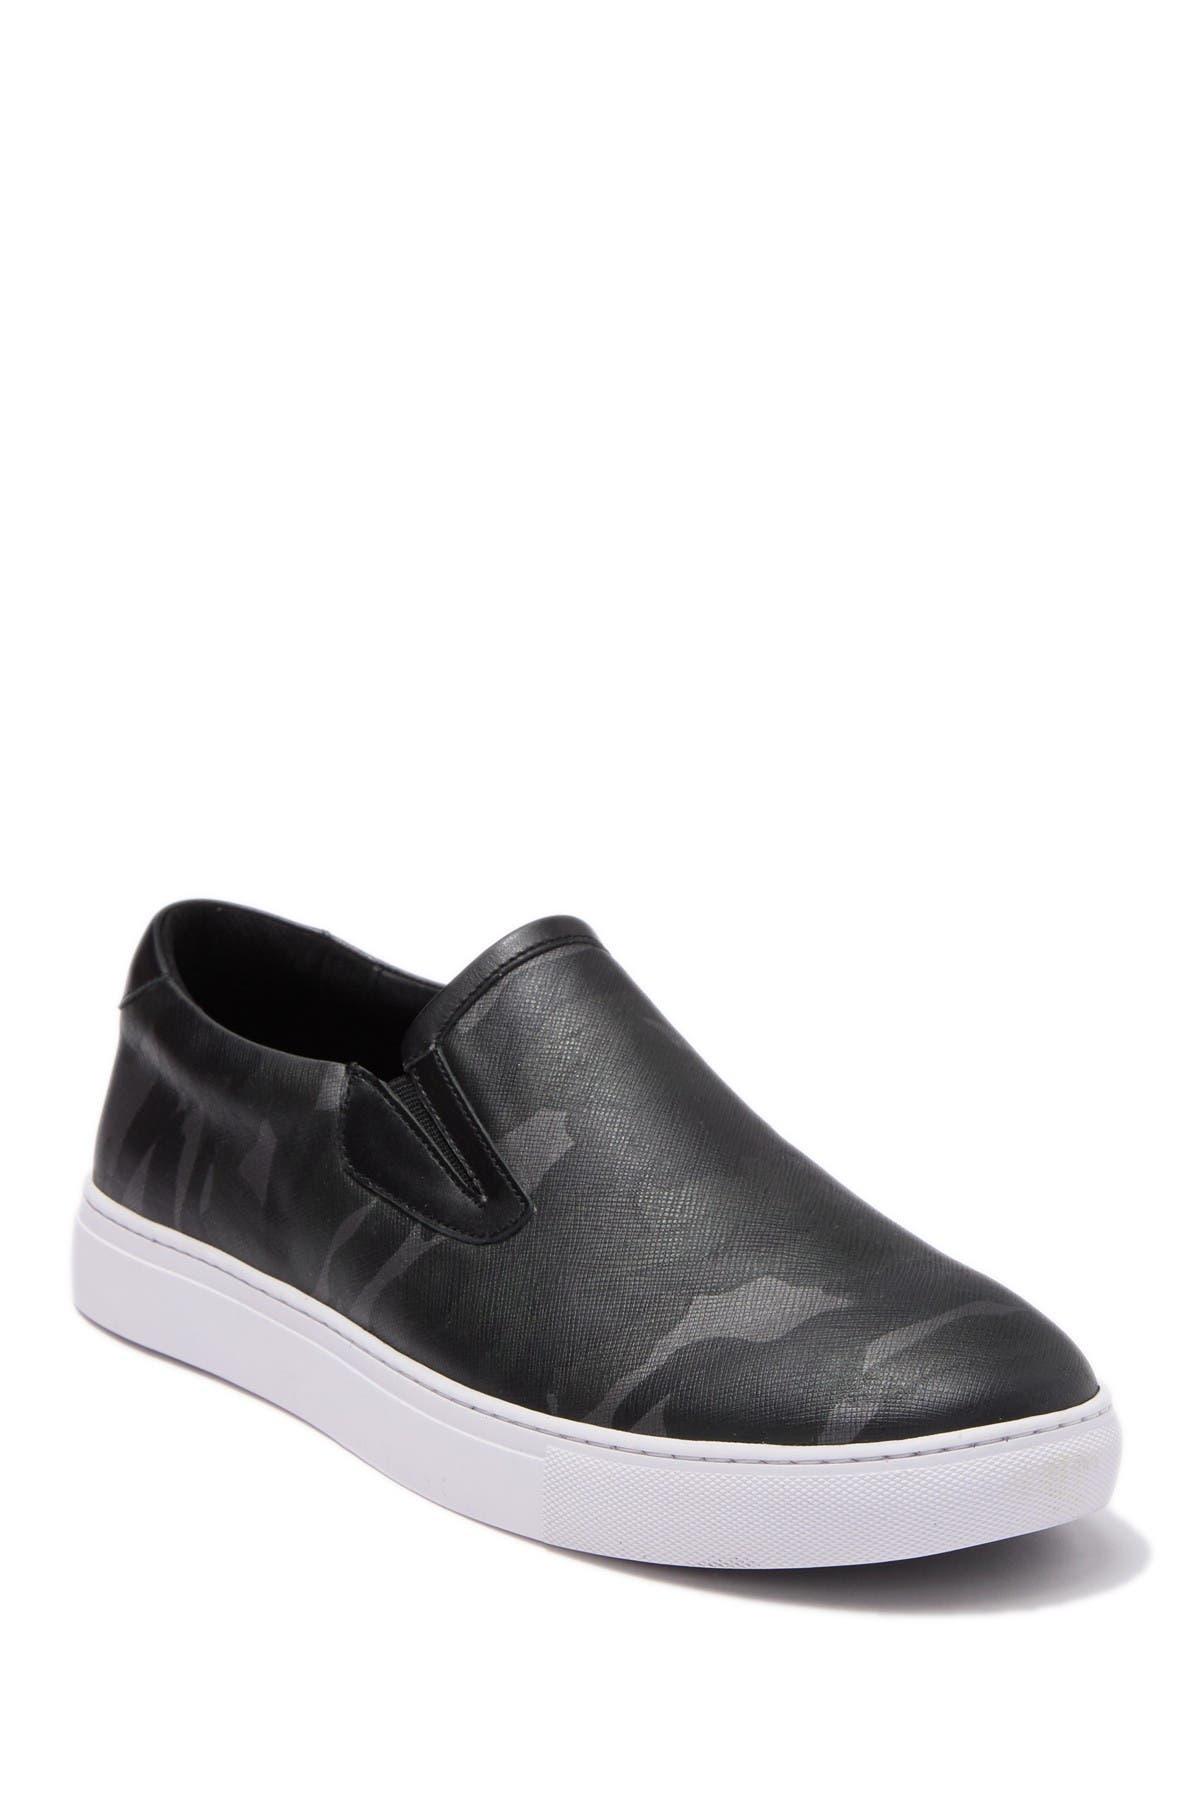 Image of Robert Graham Buster Slip-On Sneaker